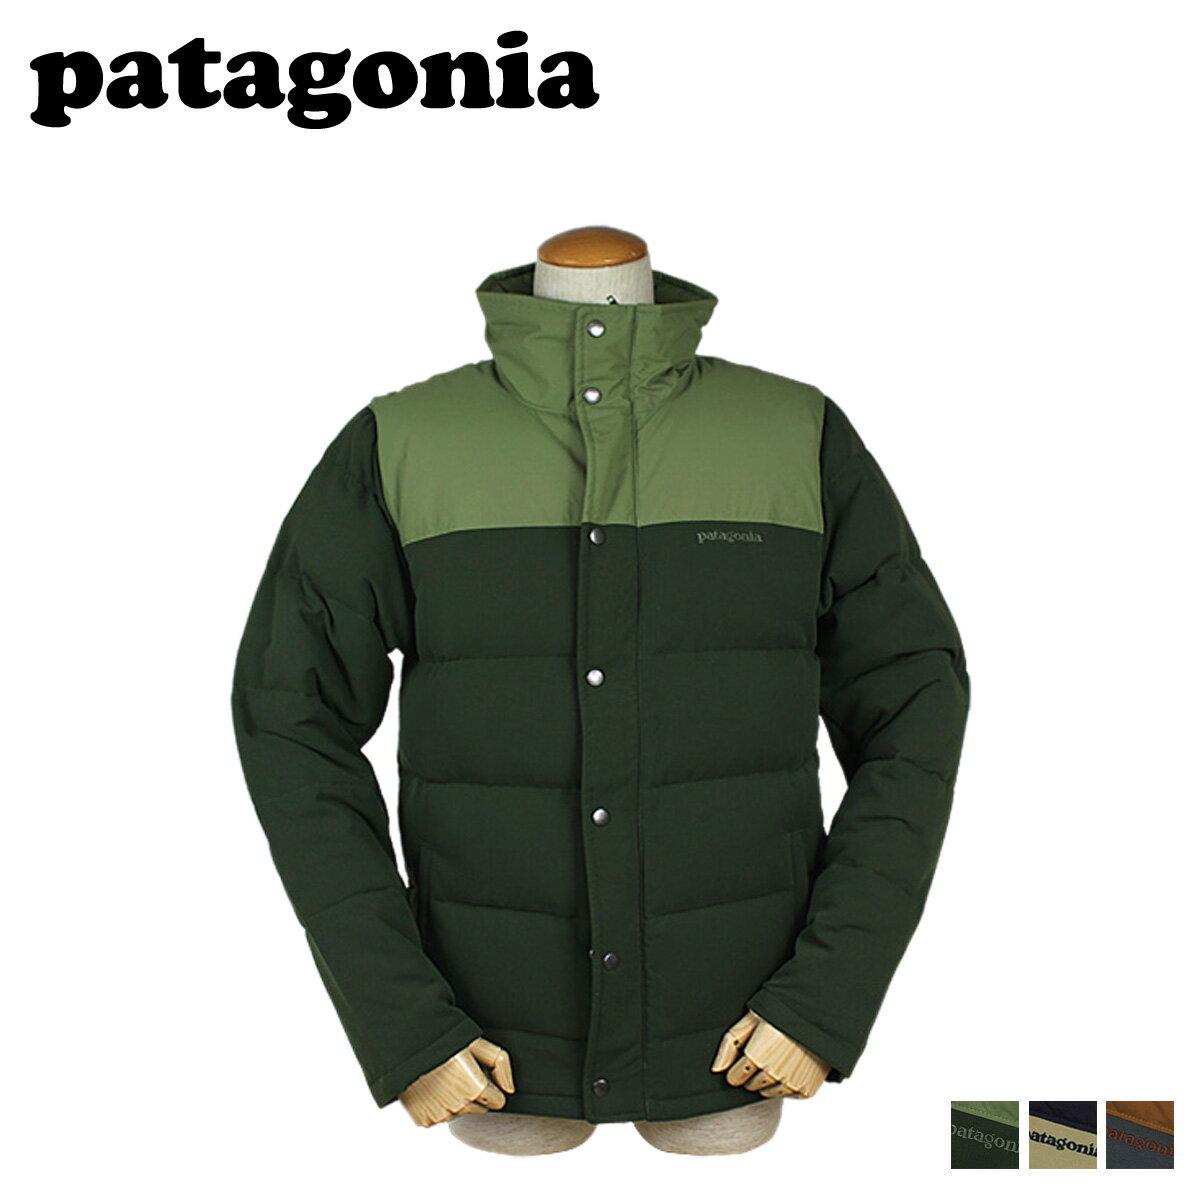 ポイント2倍 送料無料 パタゴニア patagonia ダウン ジャケット [ 3カラー ] 28320 Mens Bivy Down Jacket メンズ [ 正規 あす楽 ]【ホワイトデー】【MFS0301】02P01Mar15